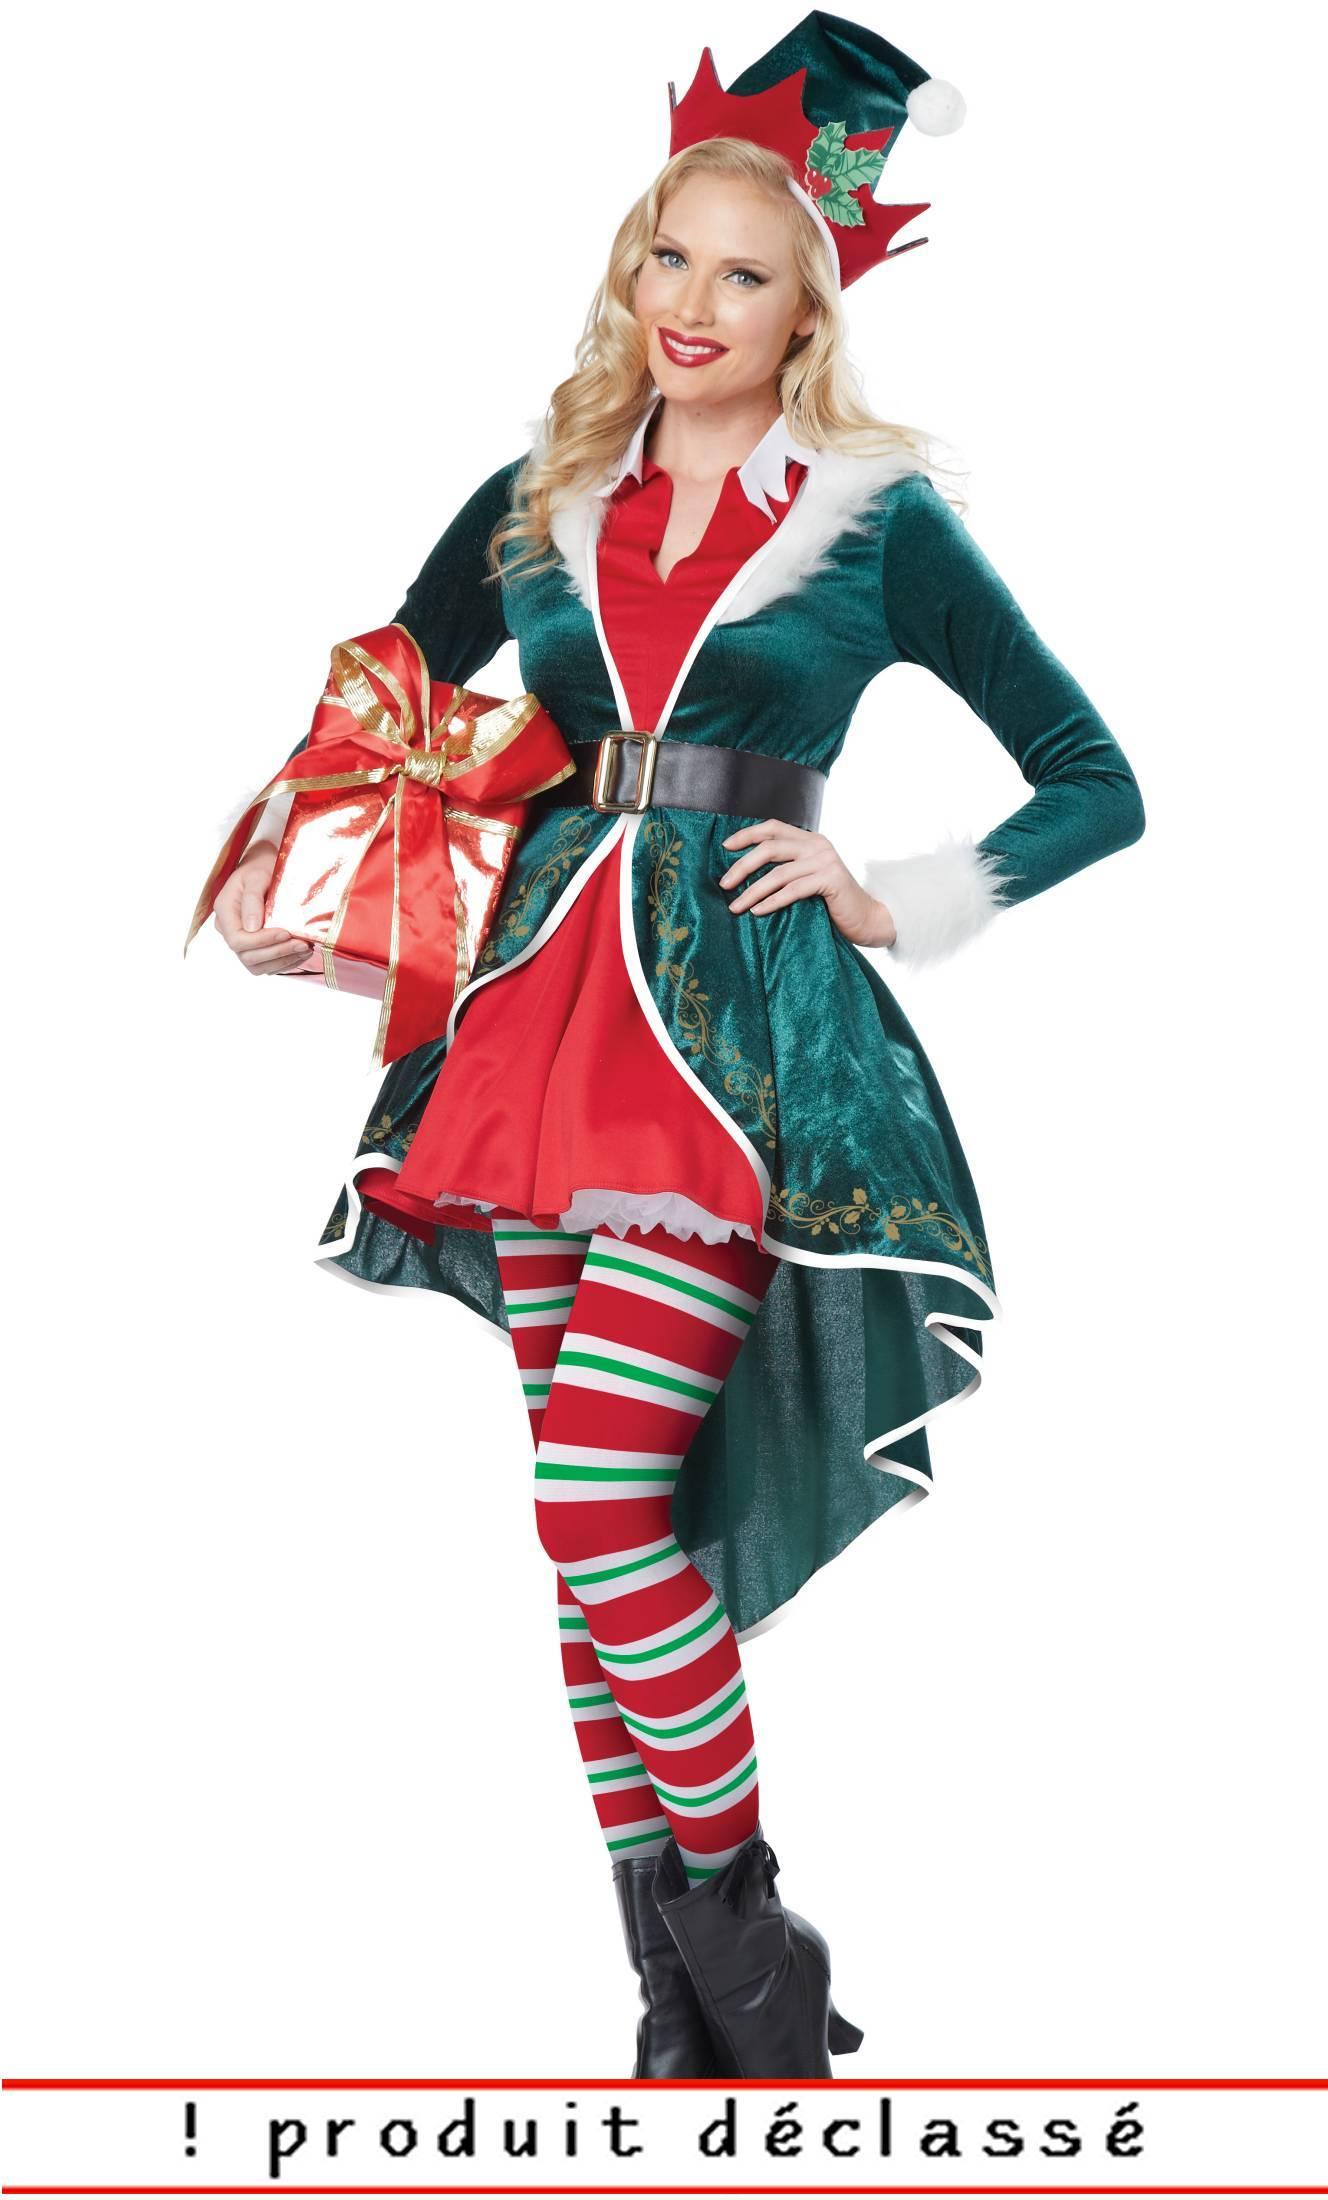 Costume-Lutin-Noël-Femme-choix-2